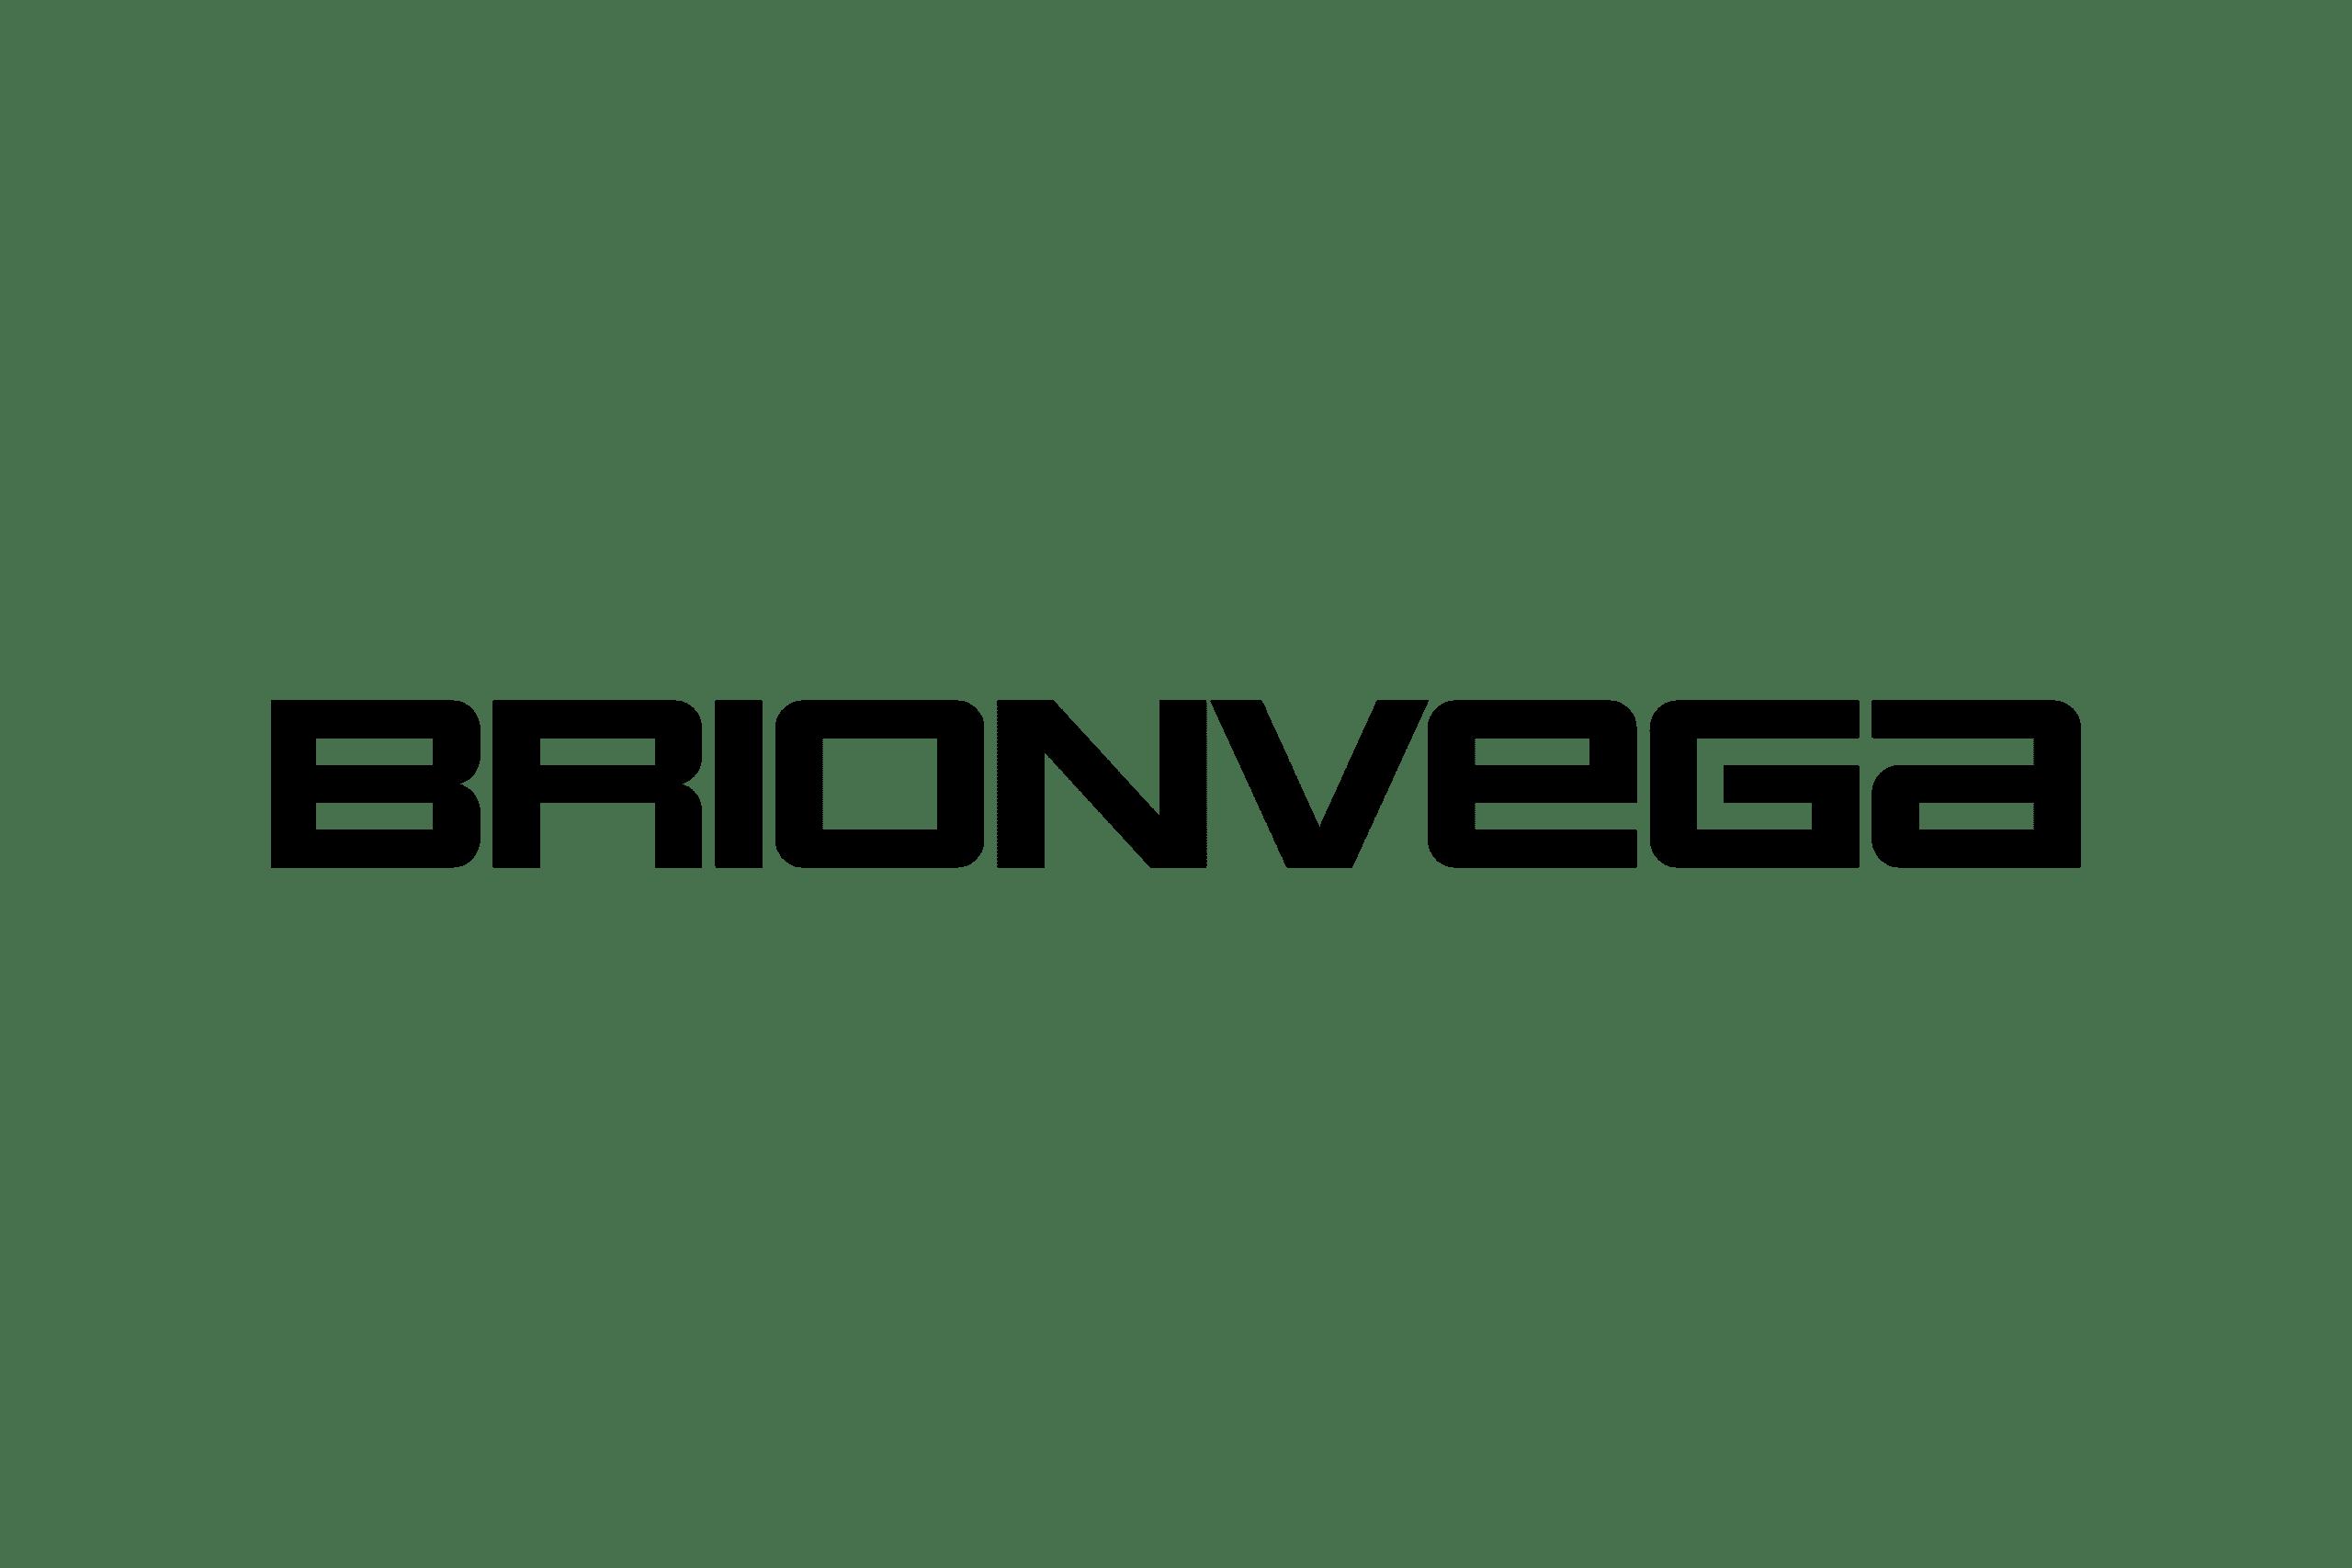 Brionvega